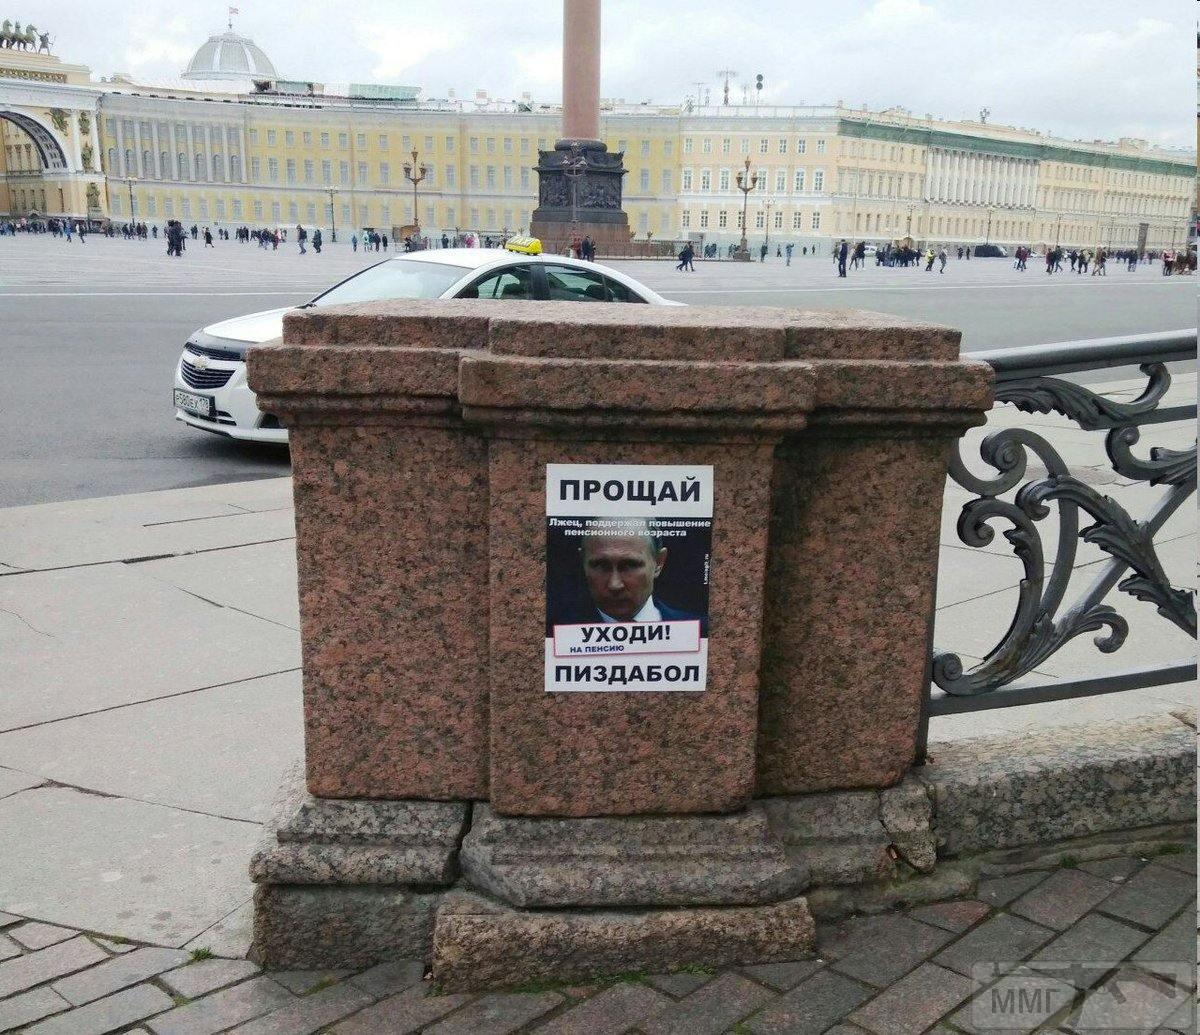 38128 - А в России чудеса!